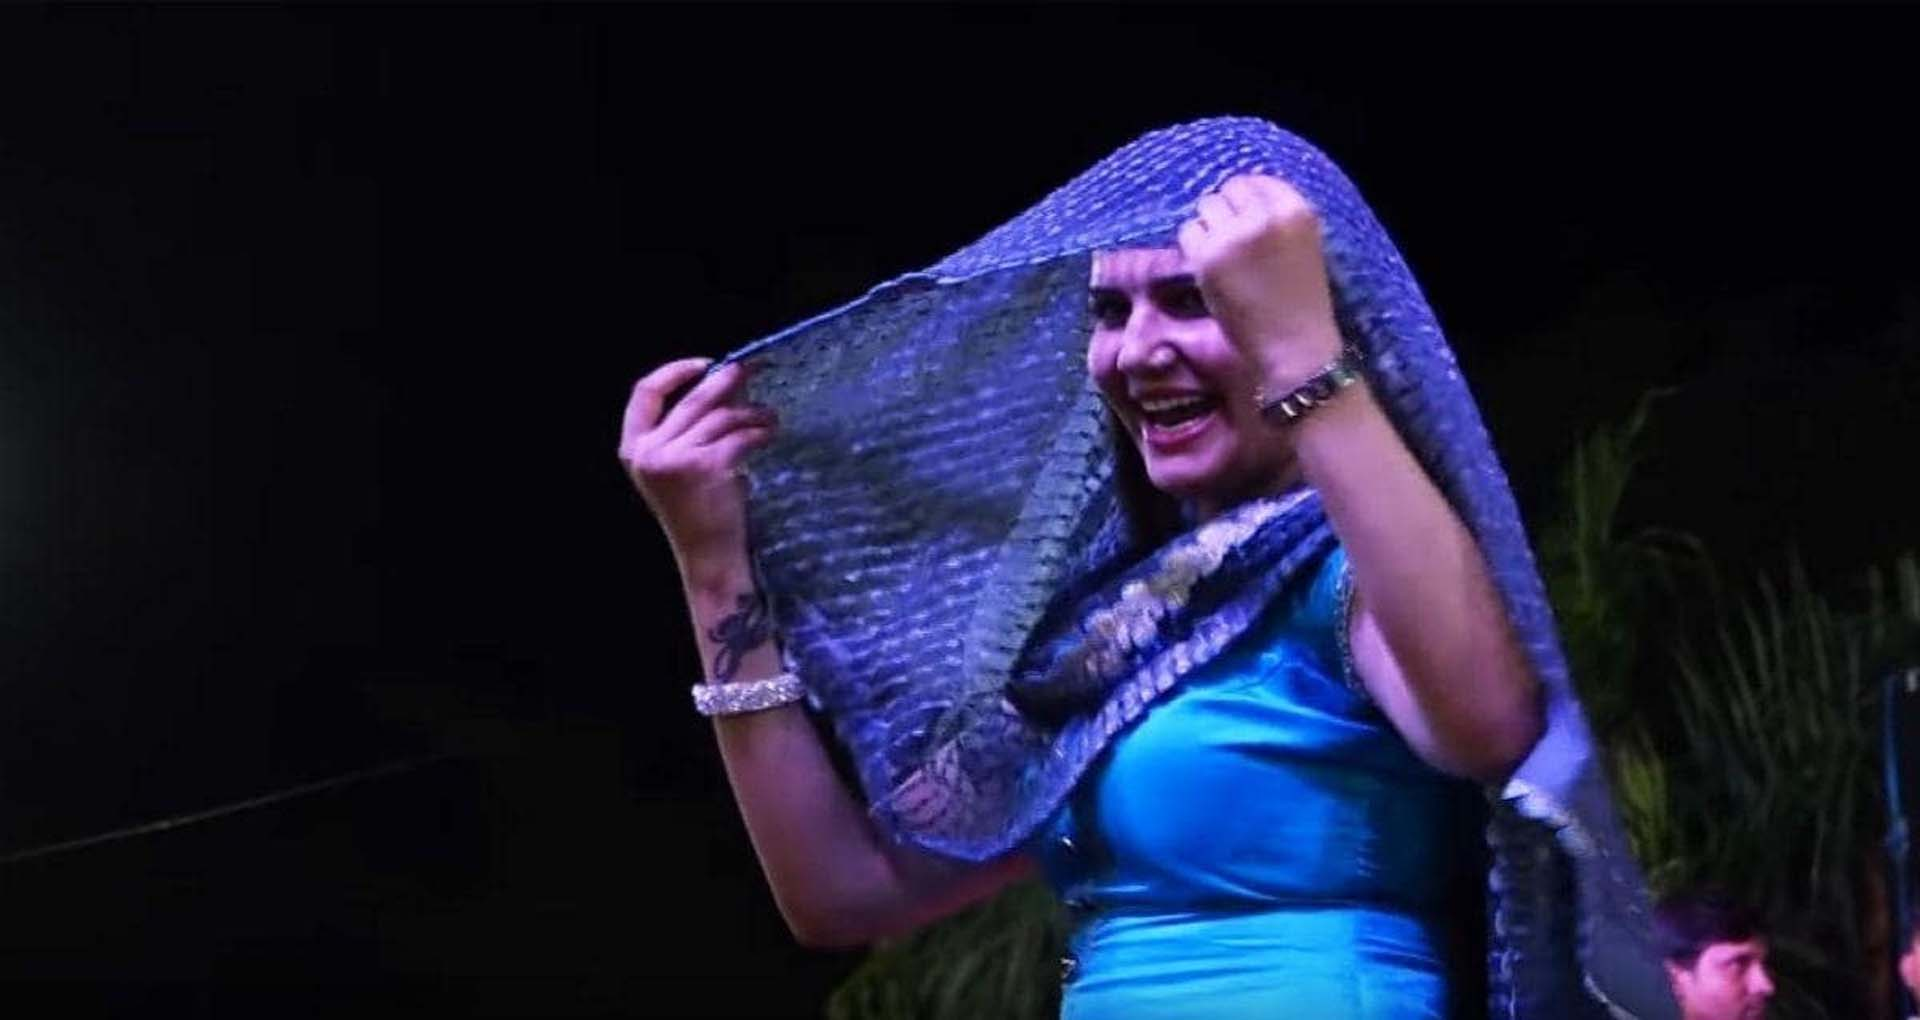 Sapna Choudhary Dance Video: सपना चौधरी के 'घूंघट 3' गाने ने मचाया धमाल, वायरल हो रहा वीडियो